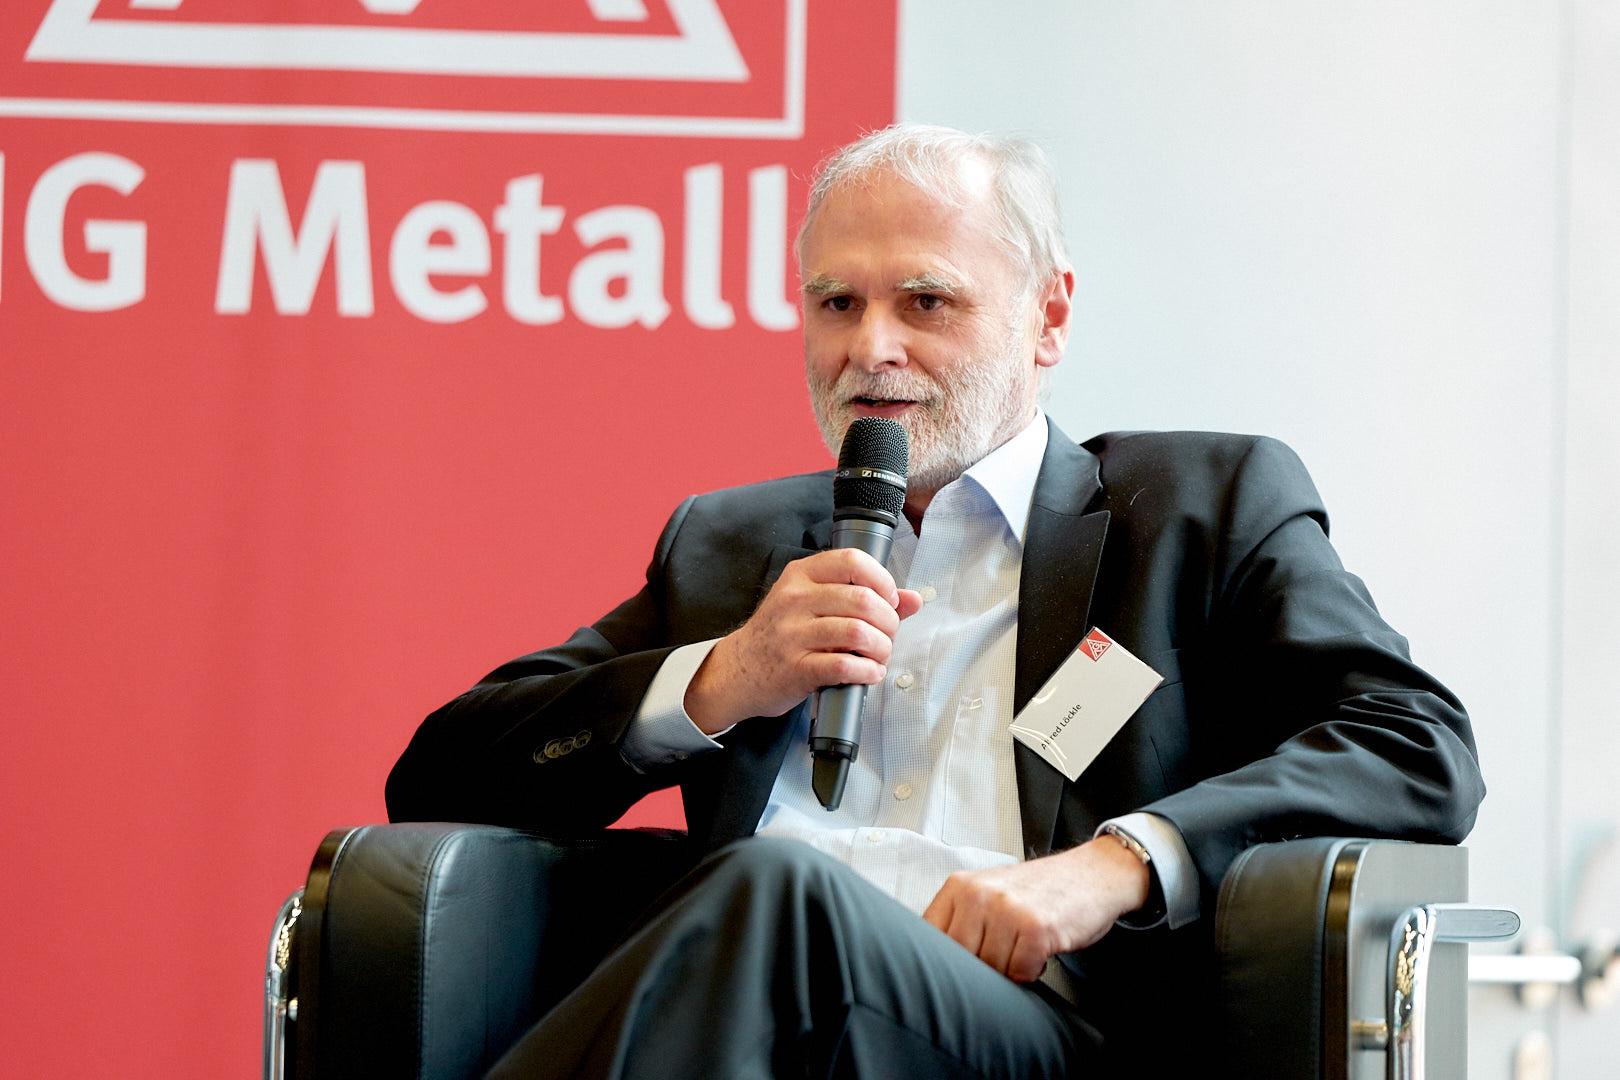 Alfred Löckle, Gesamtbetriebsrats-Vorsitzender der Robert Bosch GmbH